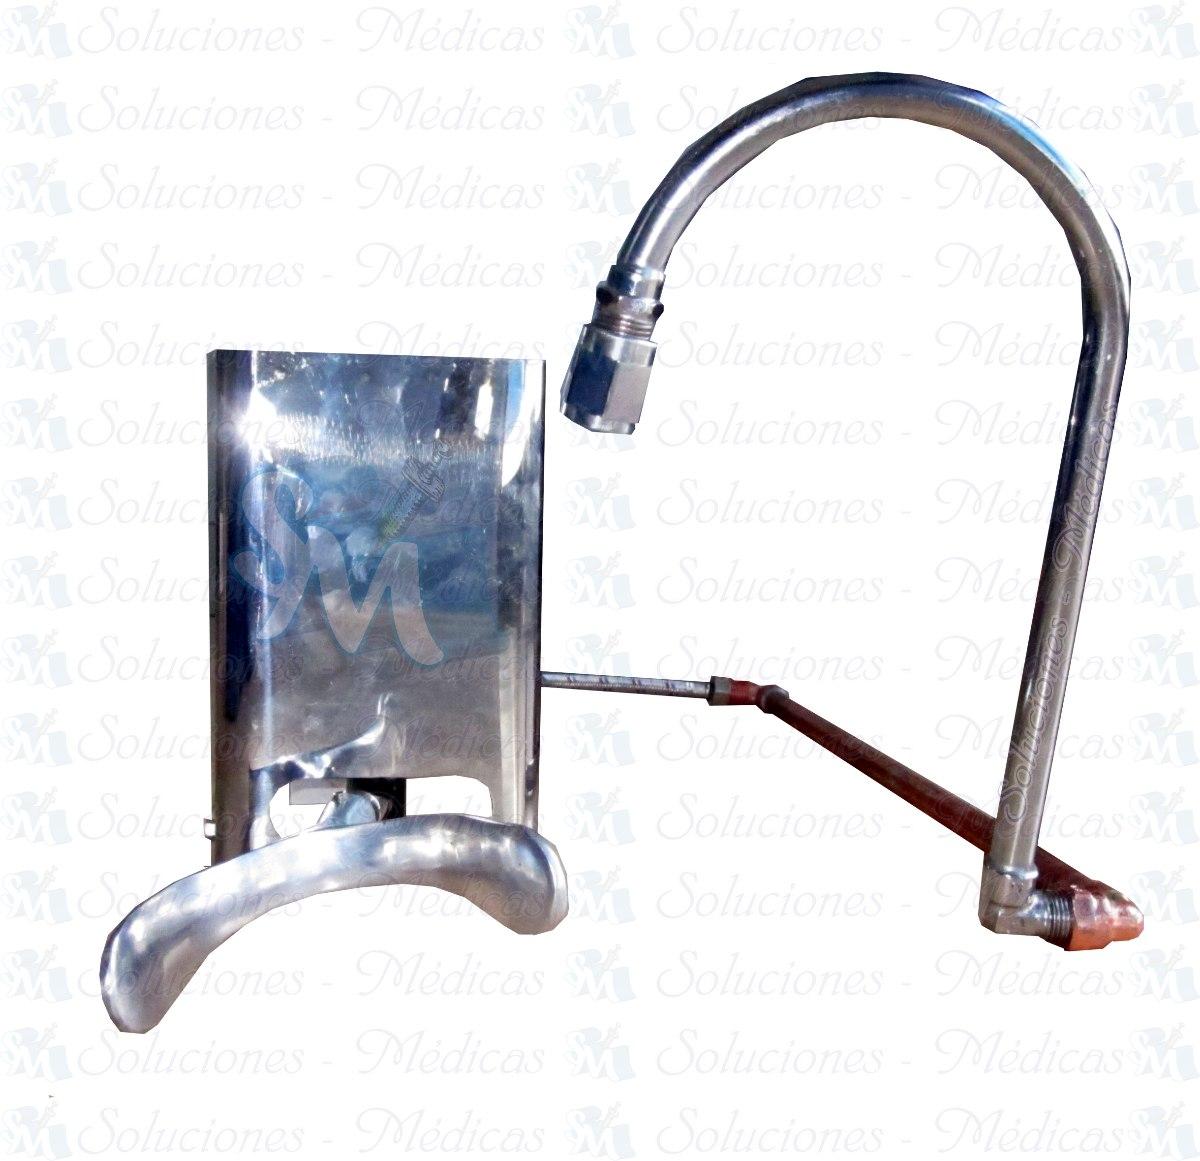 Llave de rodilla para lavabo de cirujano env o gratis for Llaves rusticas para lavabo